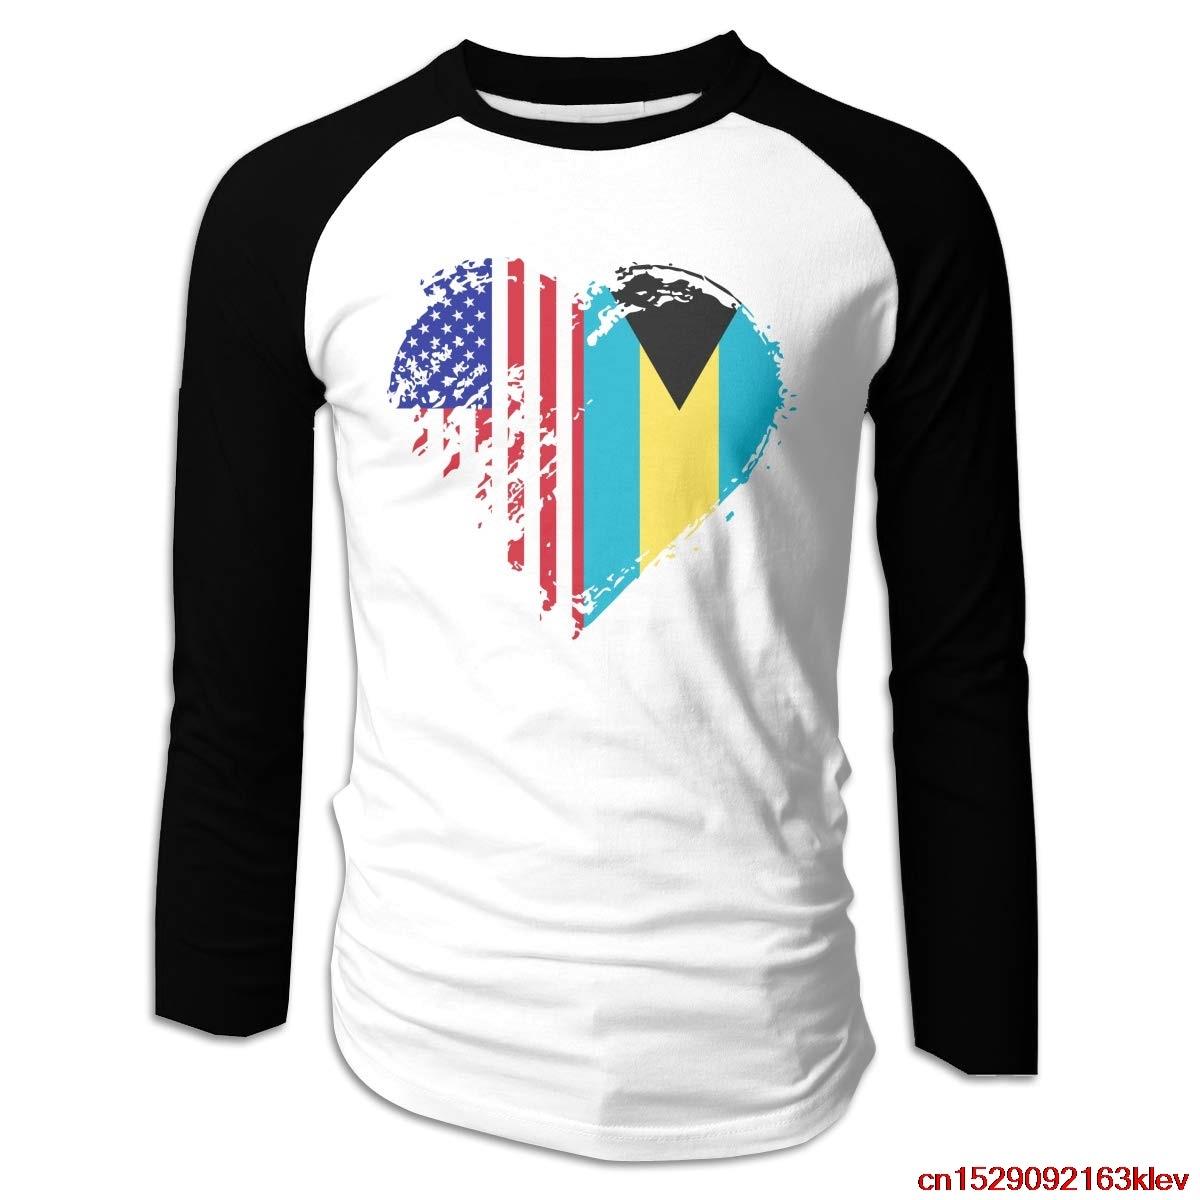 FGHFG, camiseta de béisbol de manga larga de la bandera estadounidense en forma de corazón para hombres, camiseta raglán de algodón, camiseta Unisex para hombres y mujeres